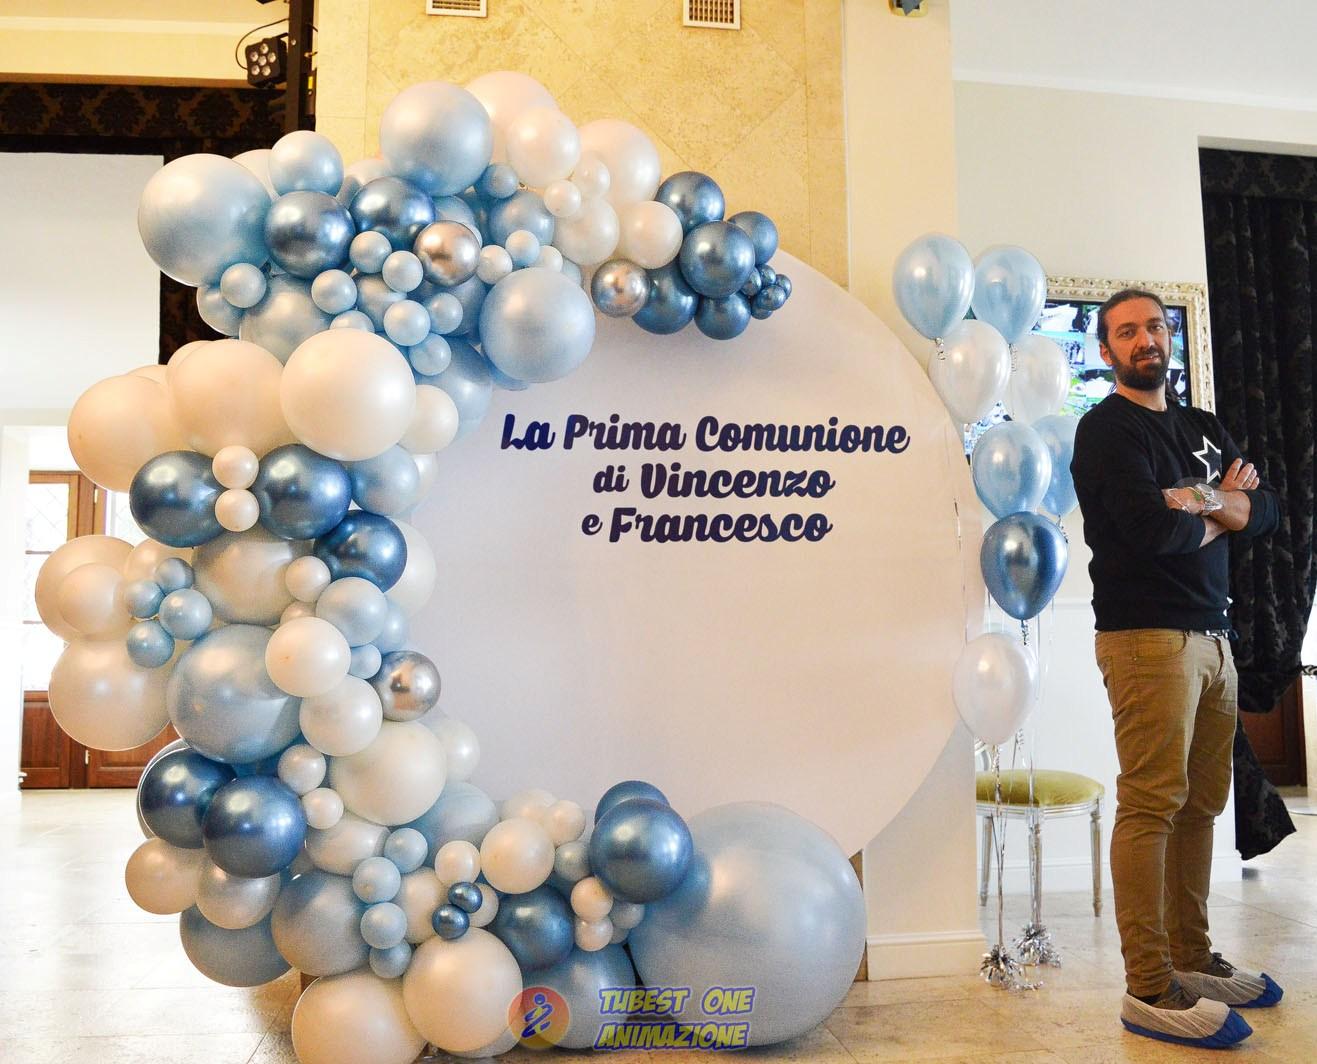 Corso Balloon art per realizzare semicerchio di palloncini stile Organic